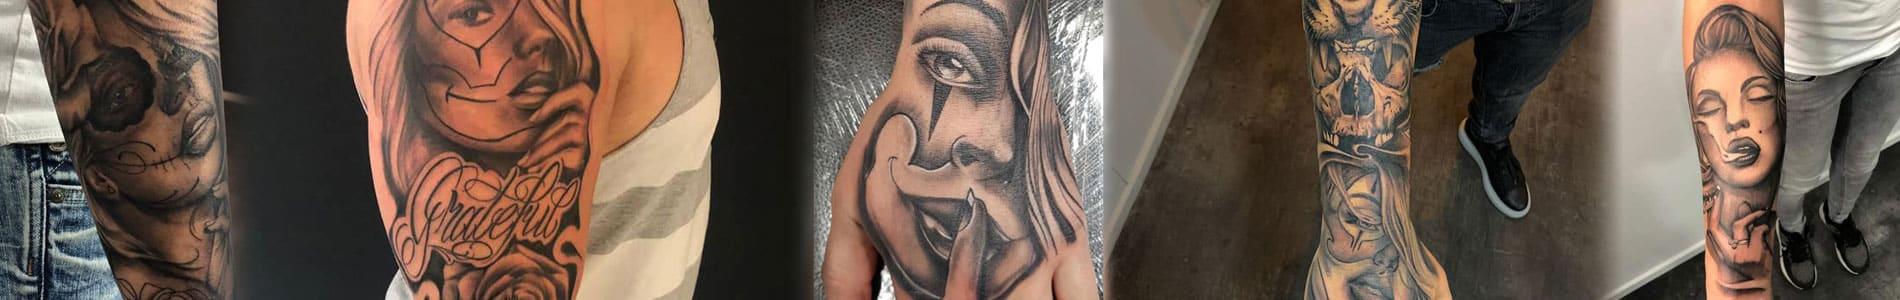 Chicano tattoo banner